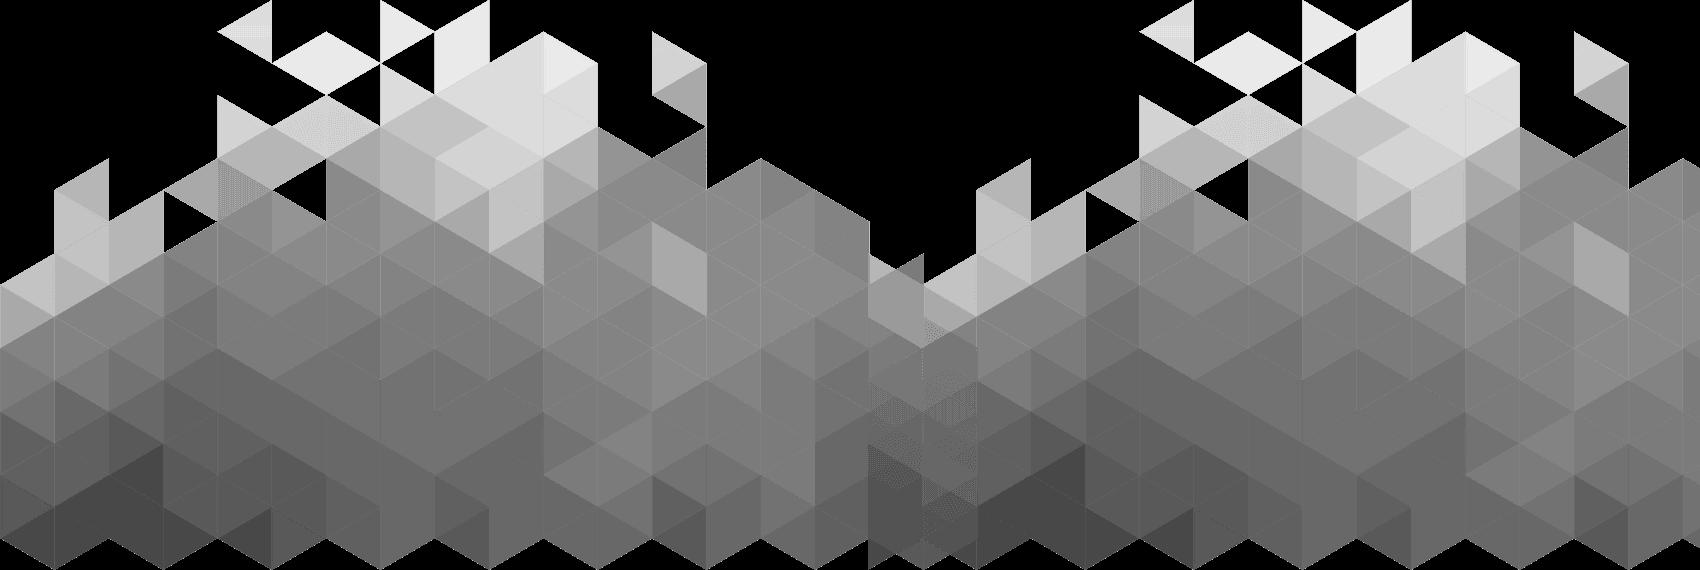 bg-slide